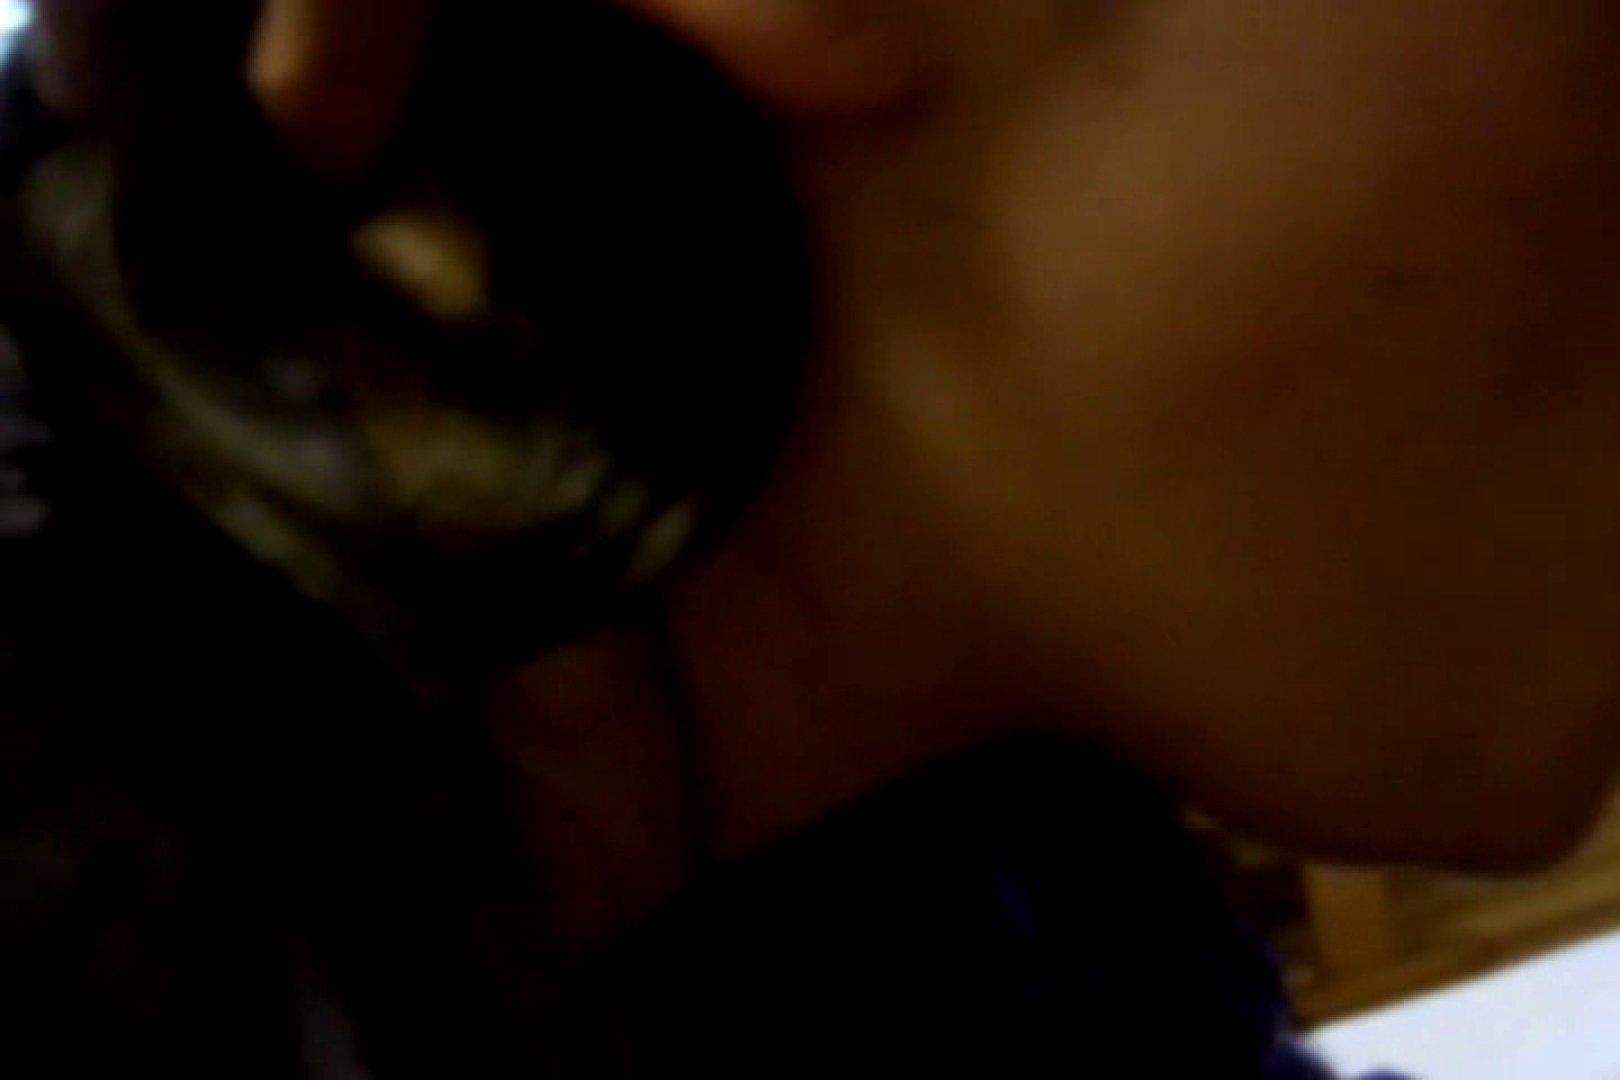 ウイルス流出 レオ&マンコのアルバム プライベート | マンコ  74画像 42